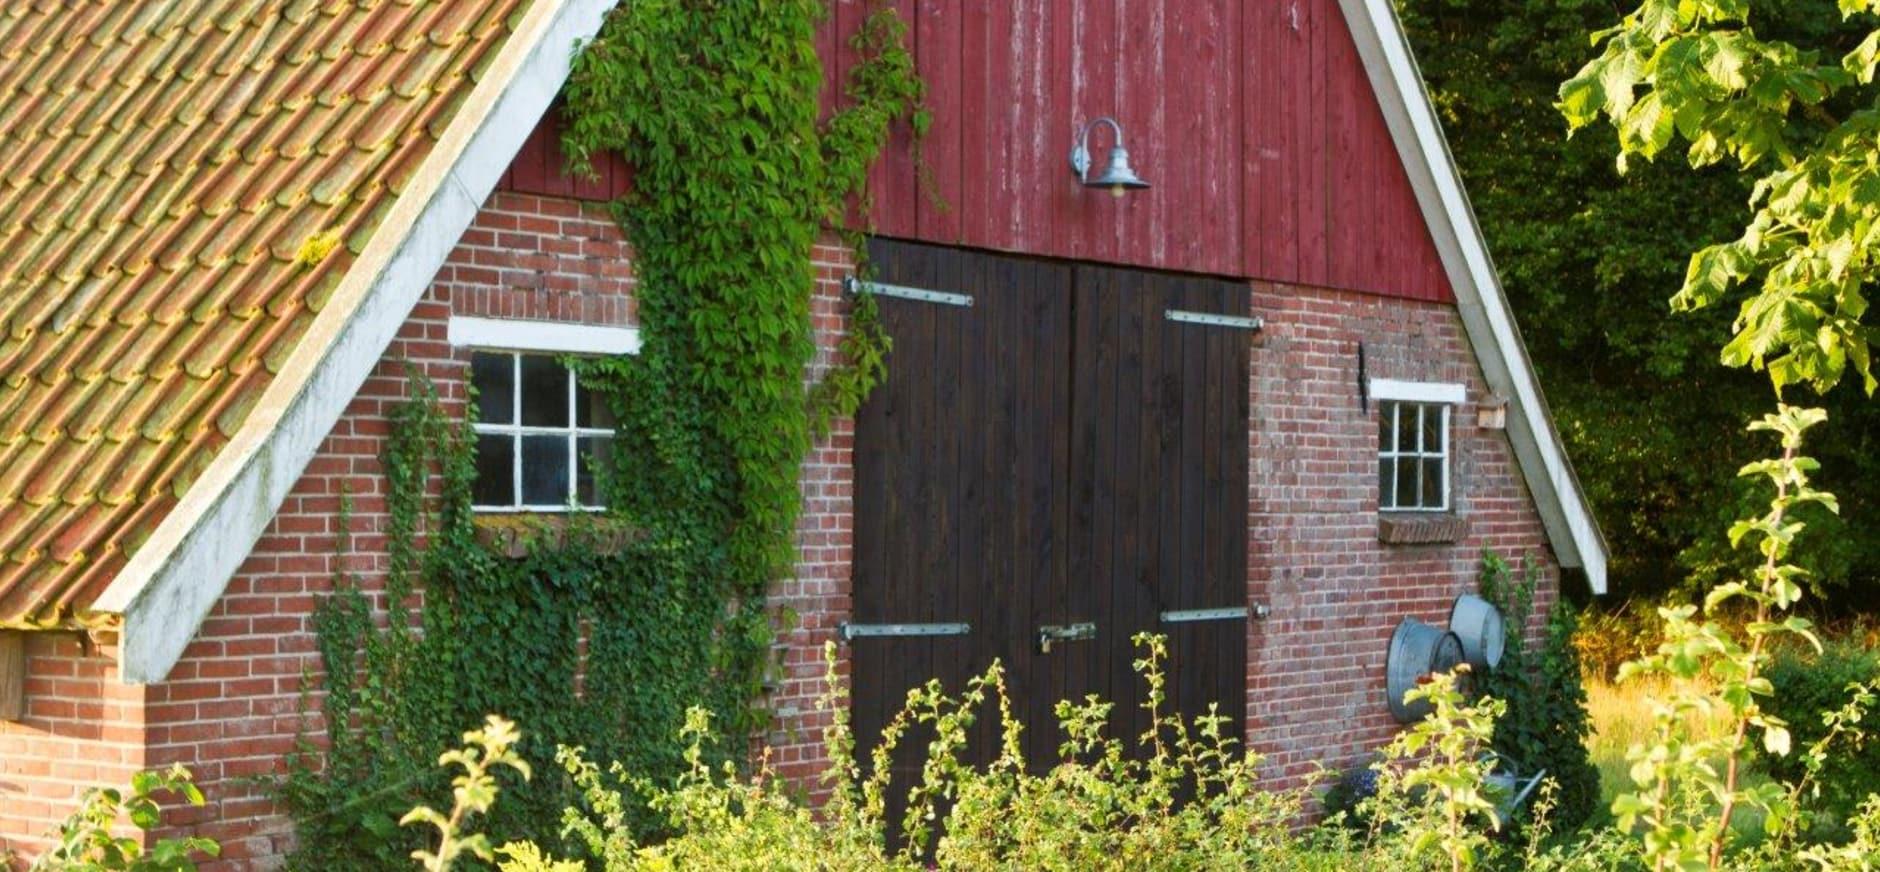 Typische streek eigen bouw in het prachtige coulissenlandschap van Winterswijk